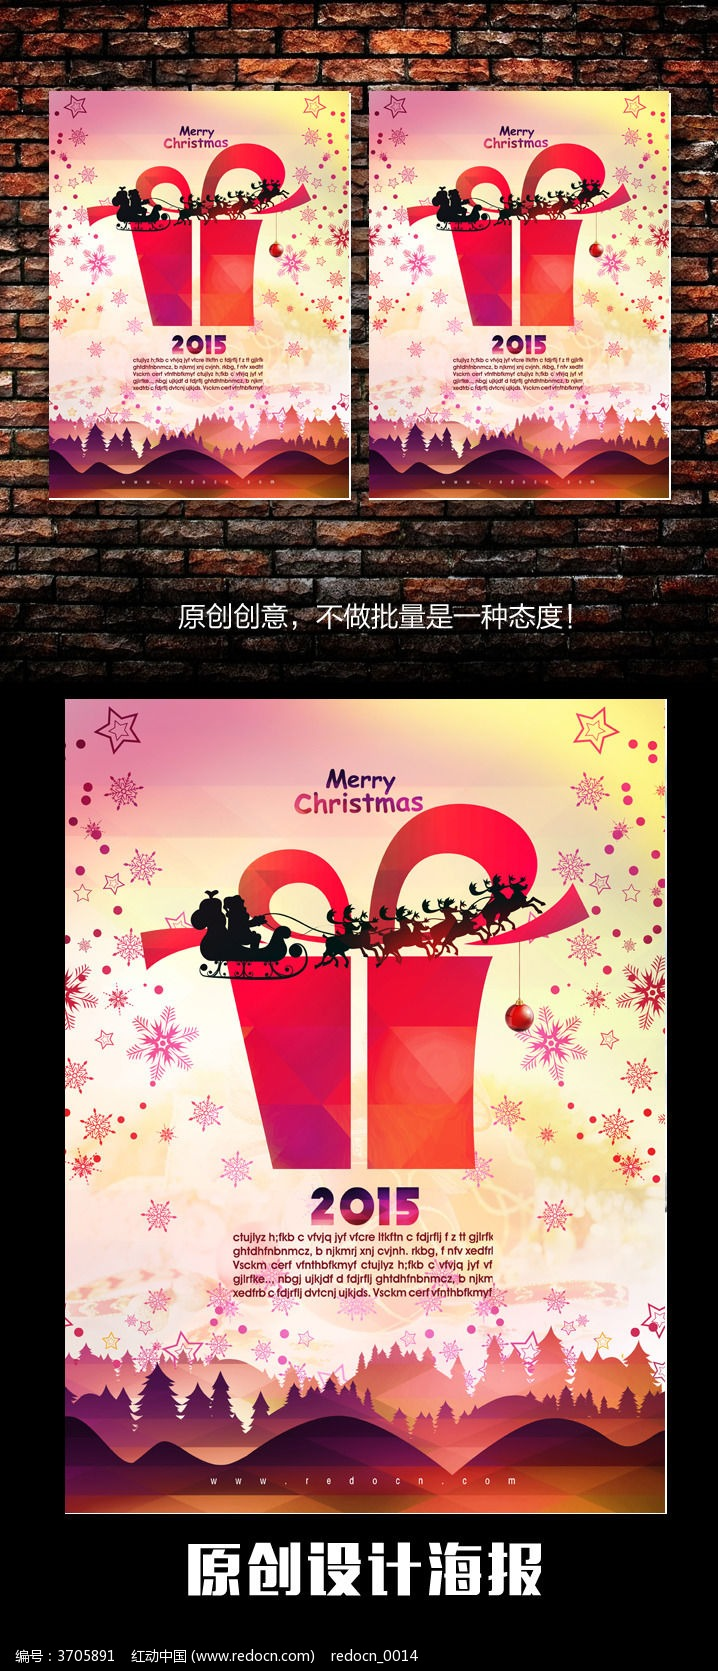 圣诞节手绘海报素材psd素材下载